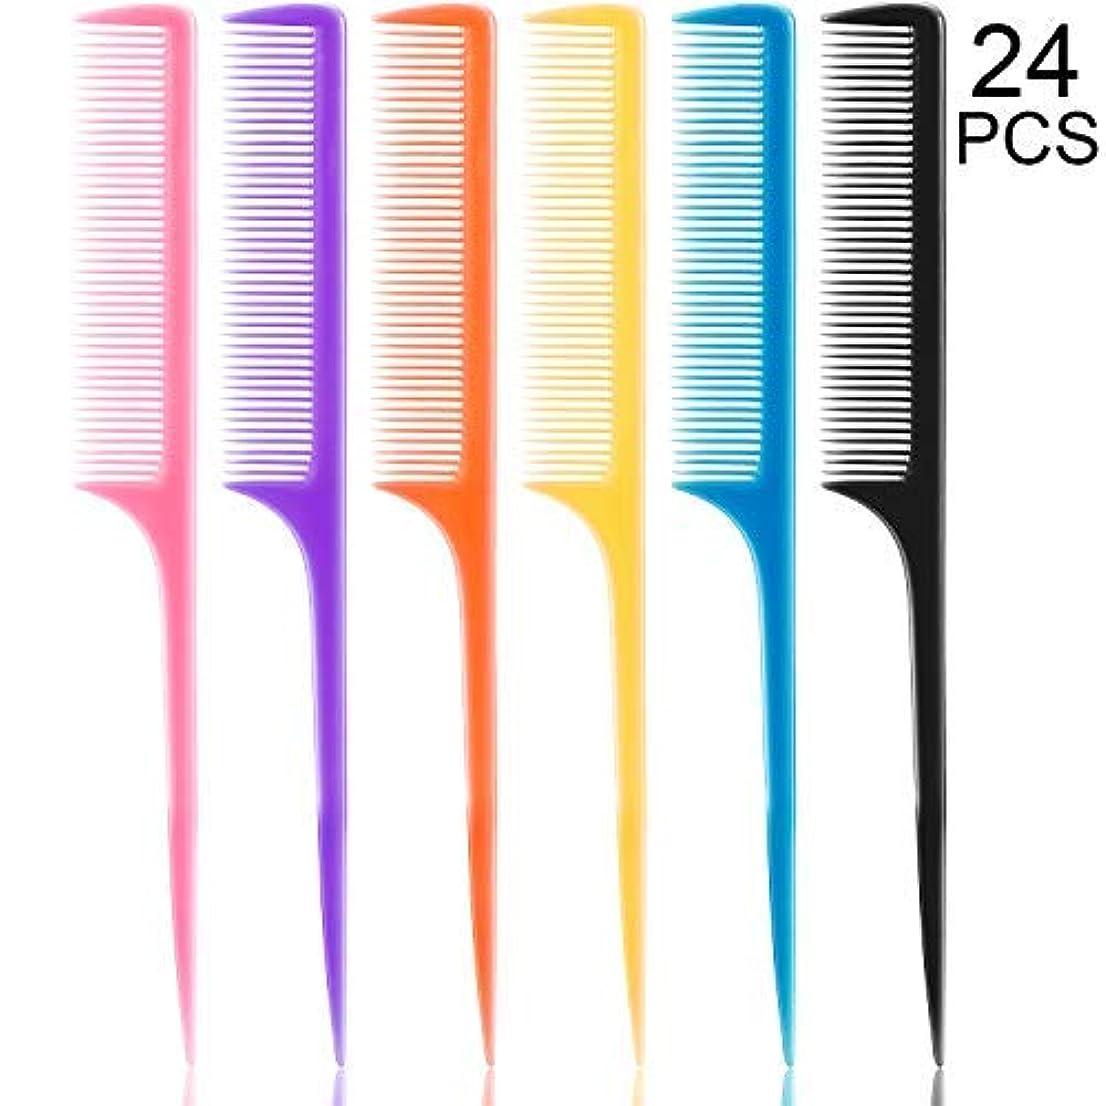 アブセイもろいクリーク24 Pieces Plastic Rat Tail Combs 8.5 Inch Fine-tooth Hair Combs Pin Tail Hair Styling Combs with Thin and Long...